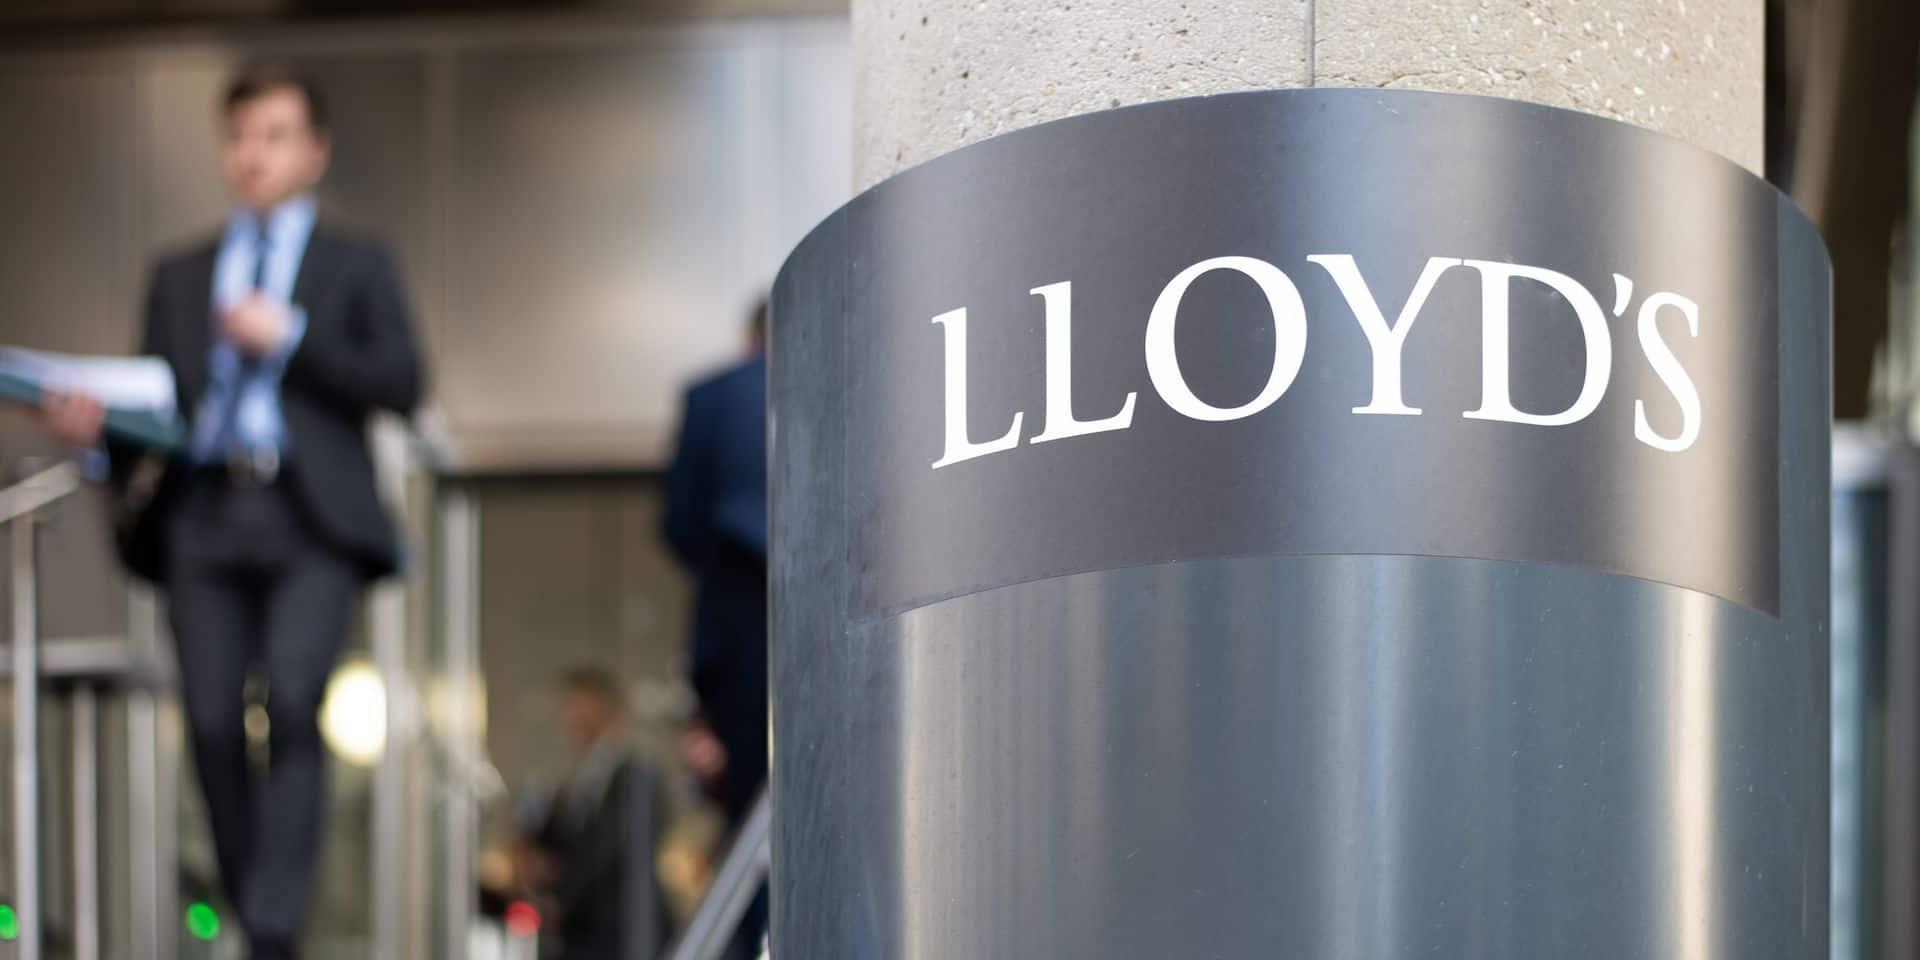 L'engagement de Lloyds sur la diversité positif pour son profil de risque, selon Moody's